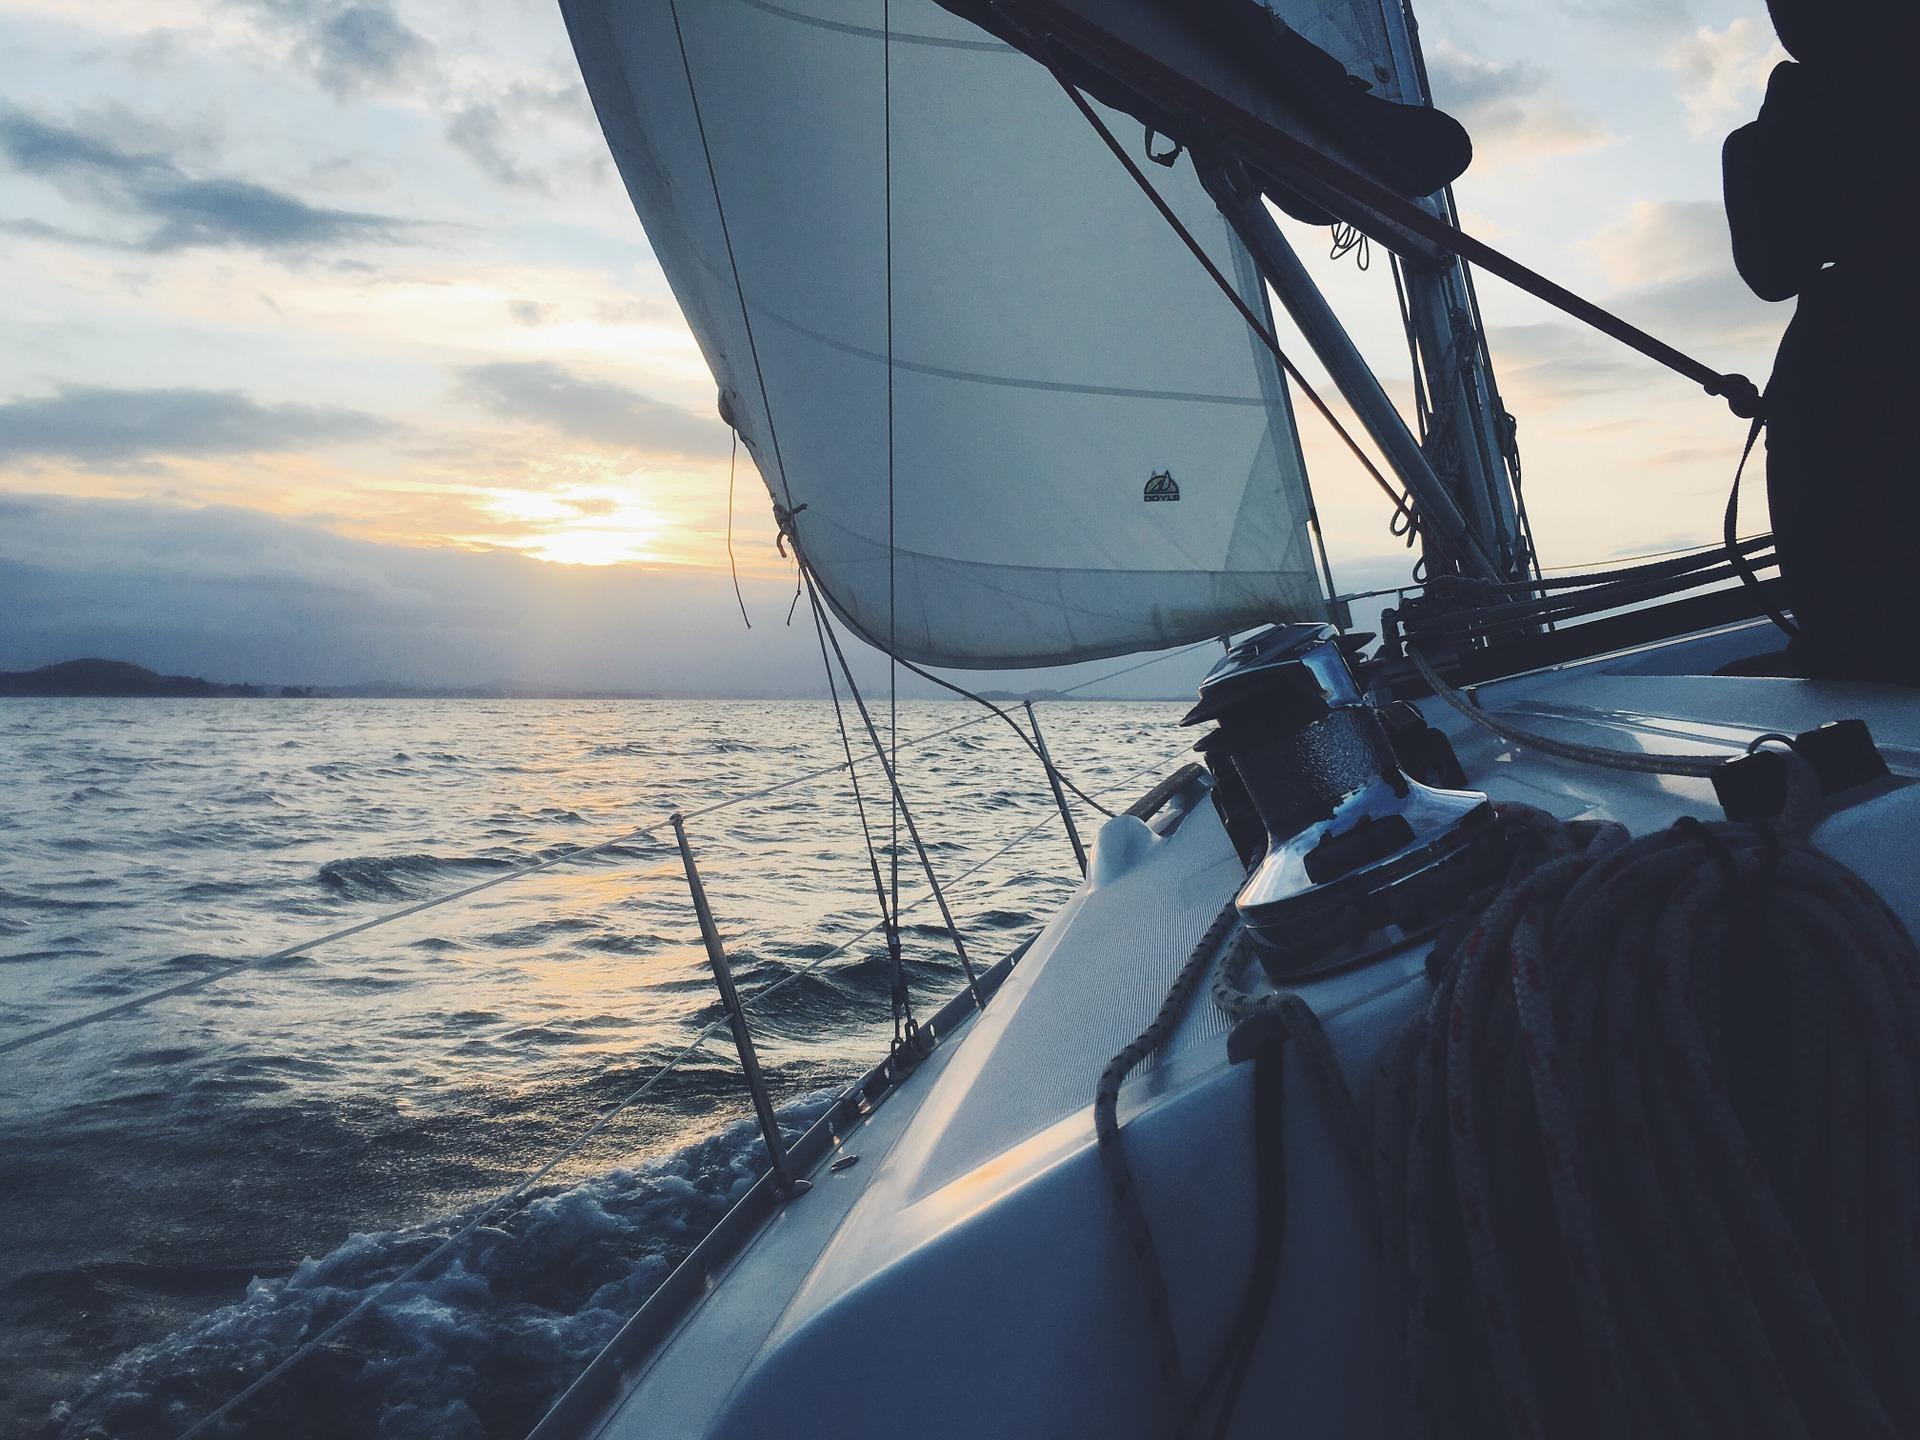 sailboat-1149519_1920.jpg